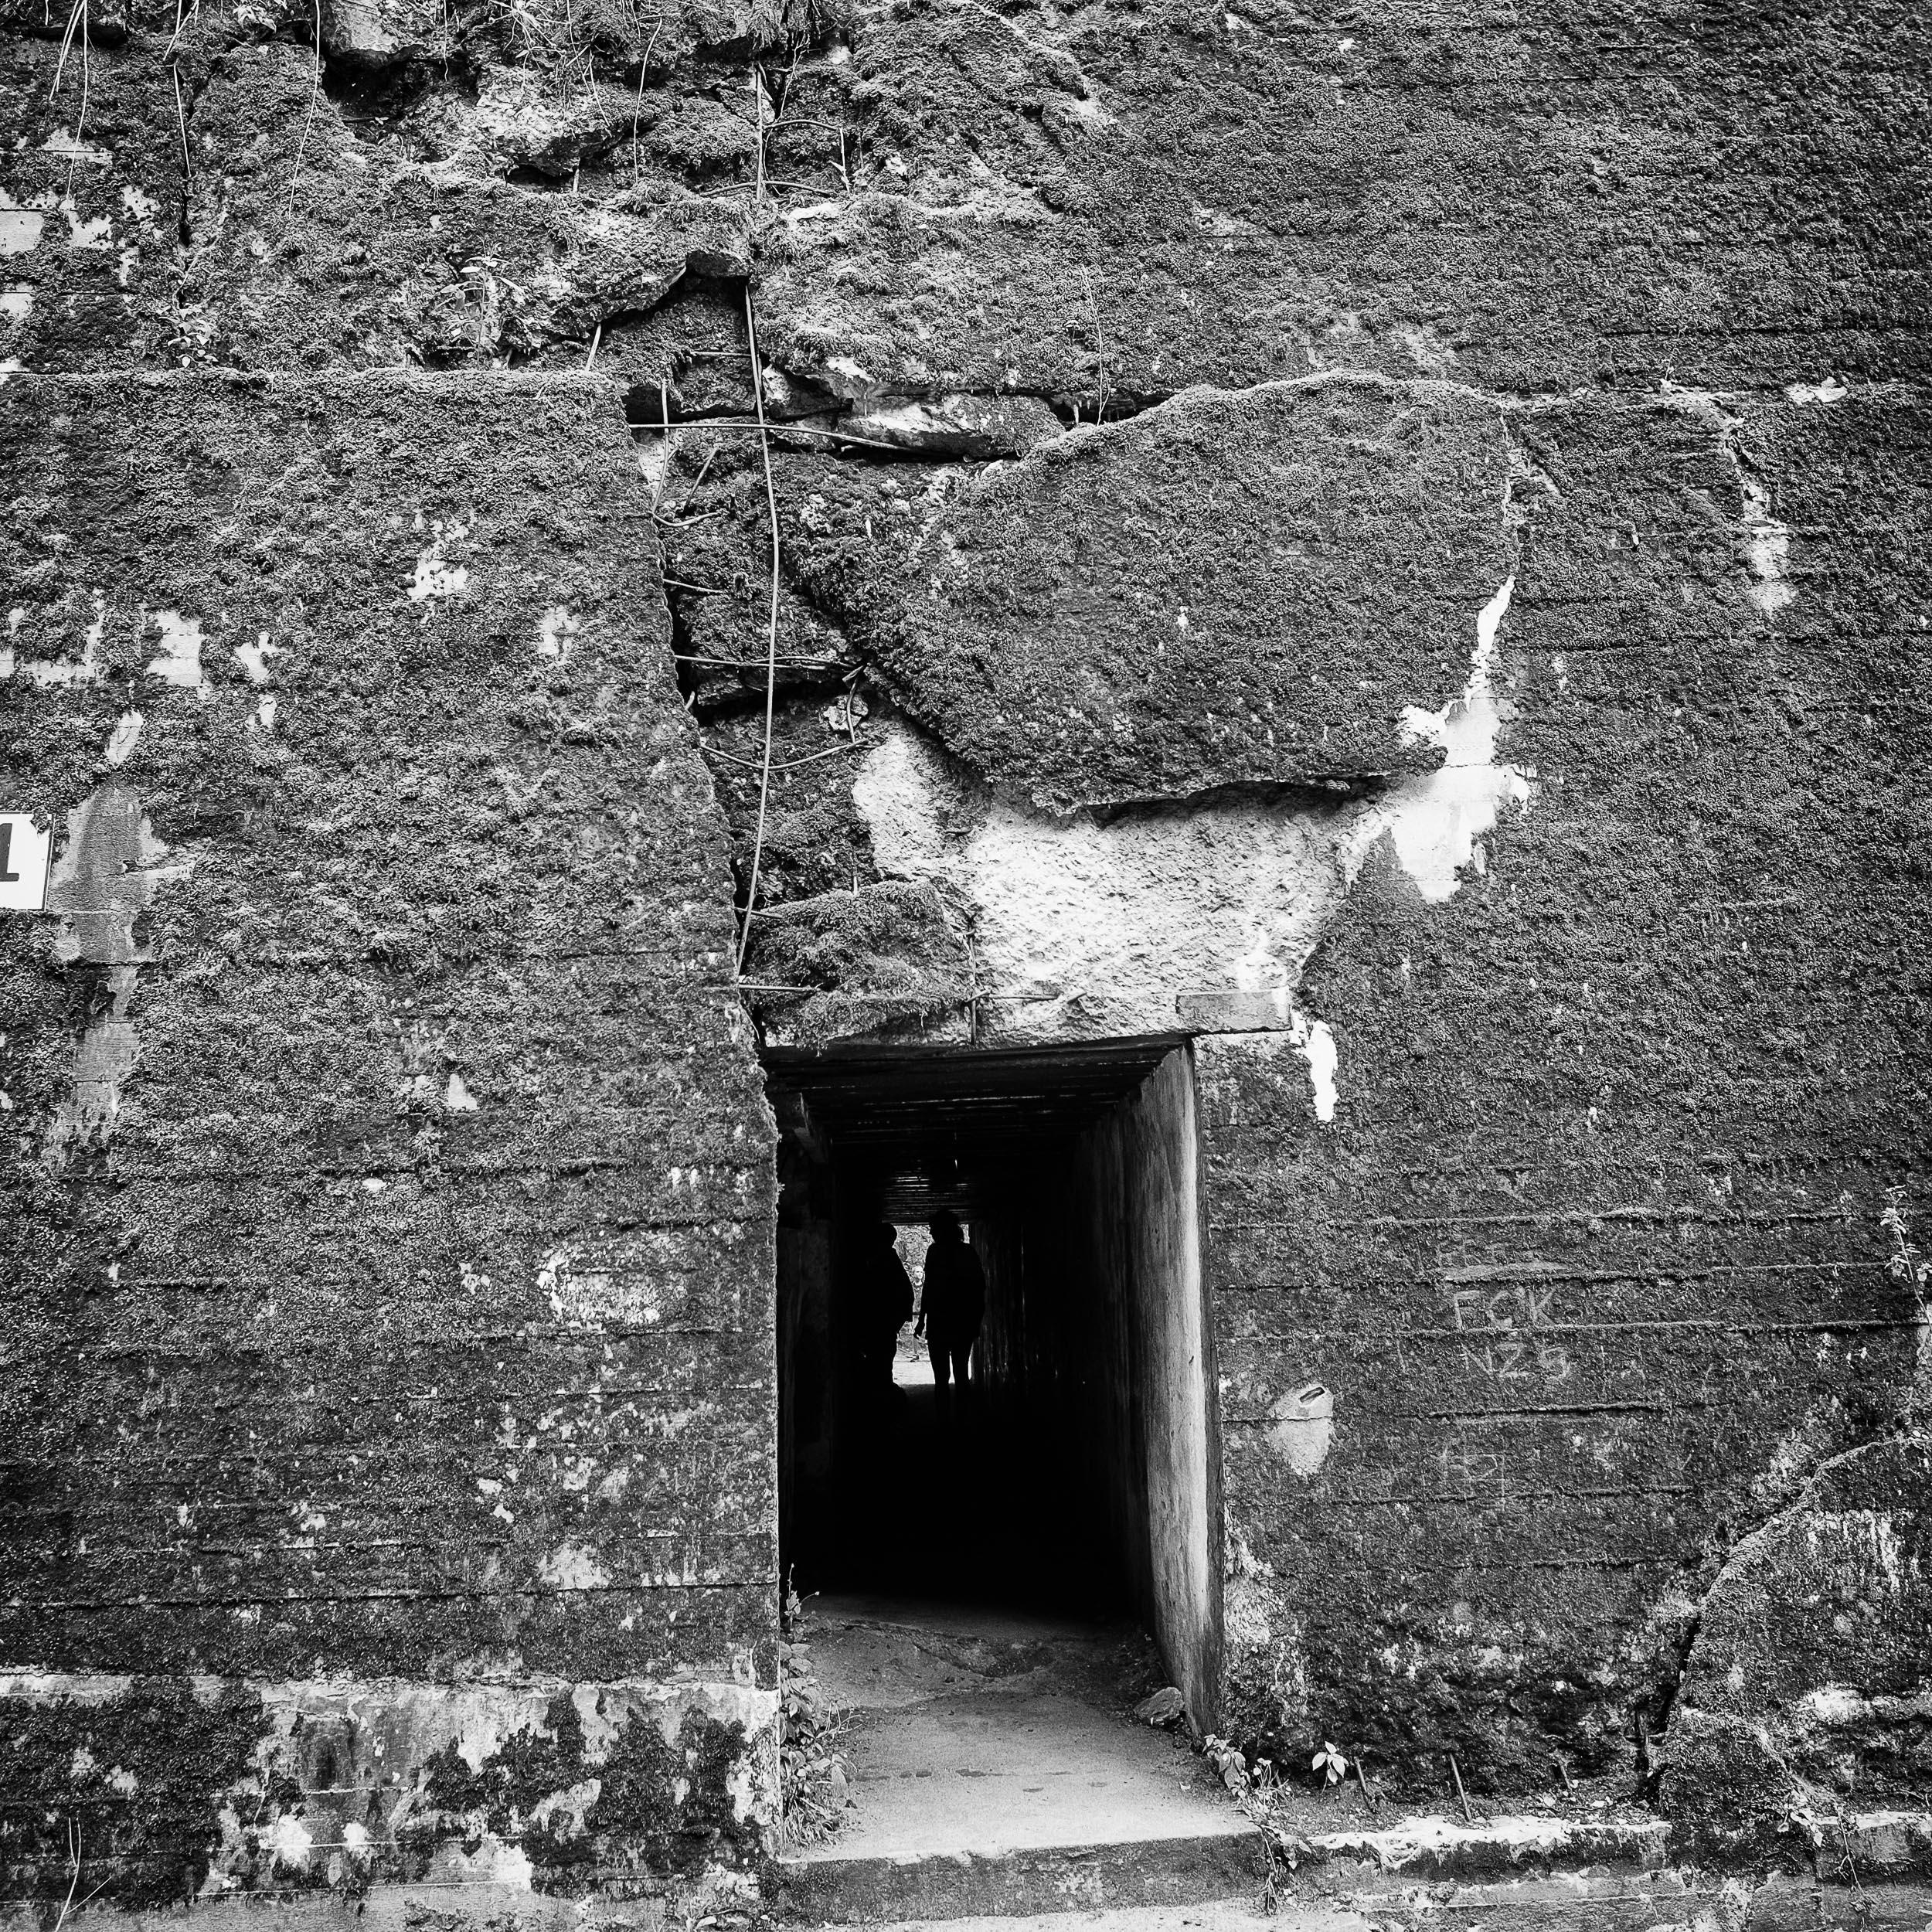 Nachrichtenknoten-Vermittlungsstelle - zerstörter Bunker Wolfsschanze